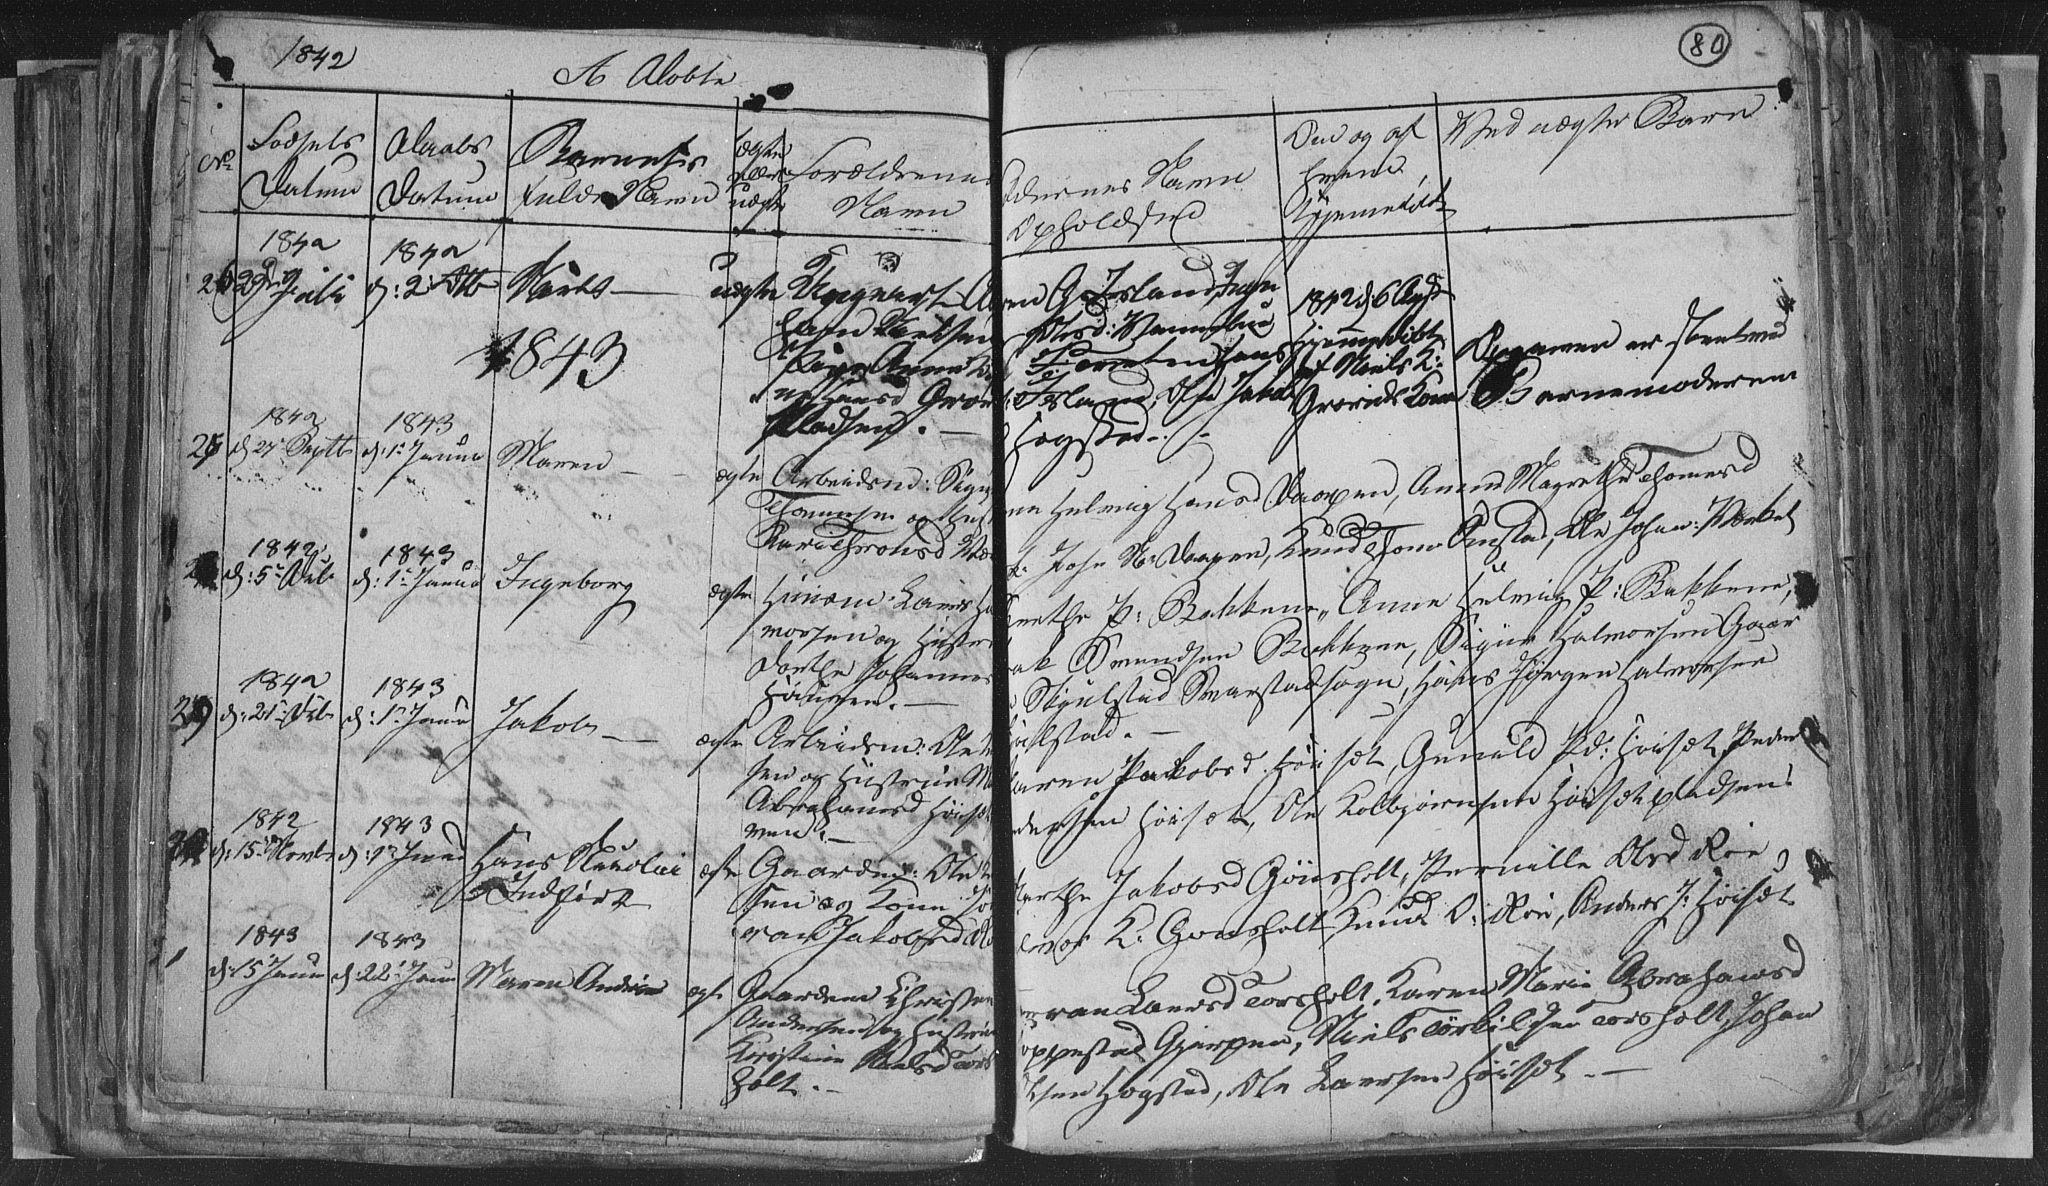 SAKO, Siljan kirkebøker, G/Ga/L0001: Klokkerbok nr. 1, 1827-1847, s. 80